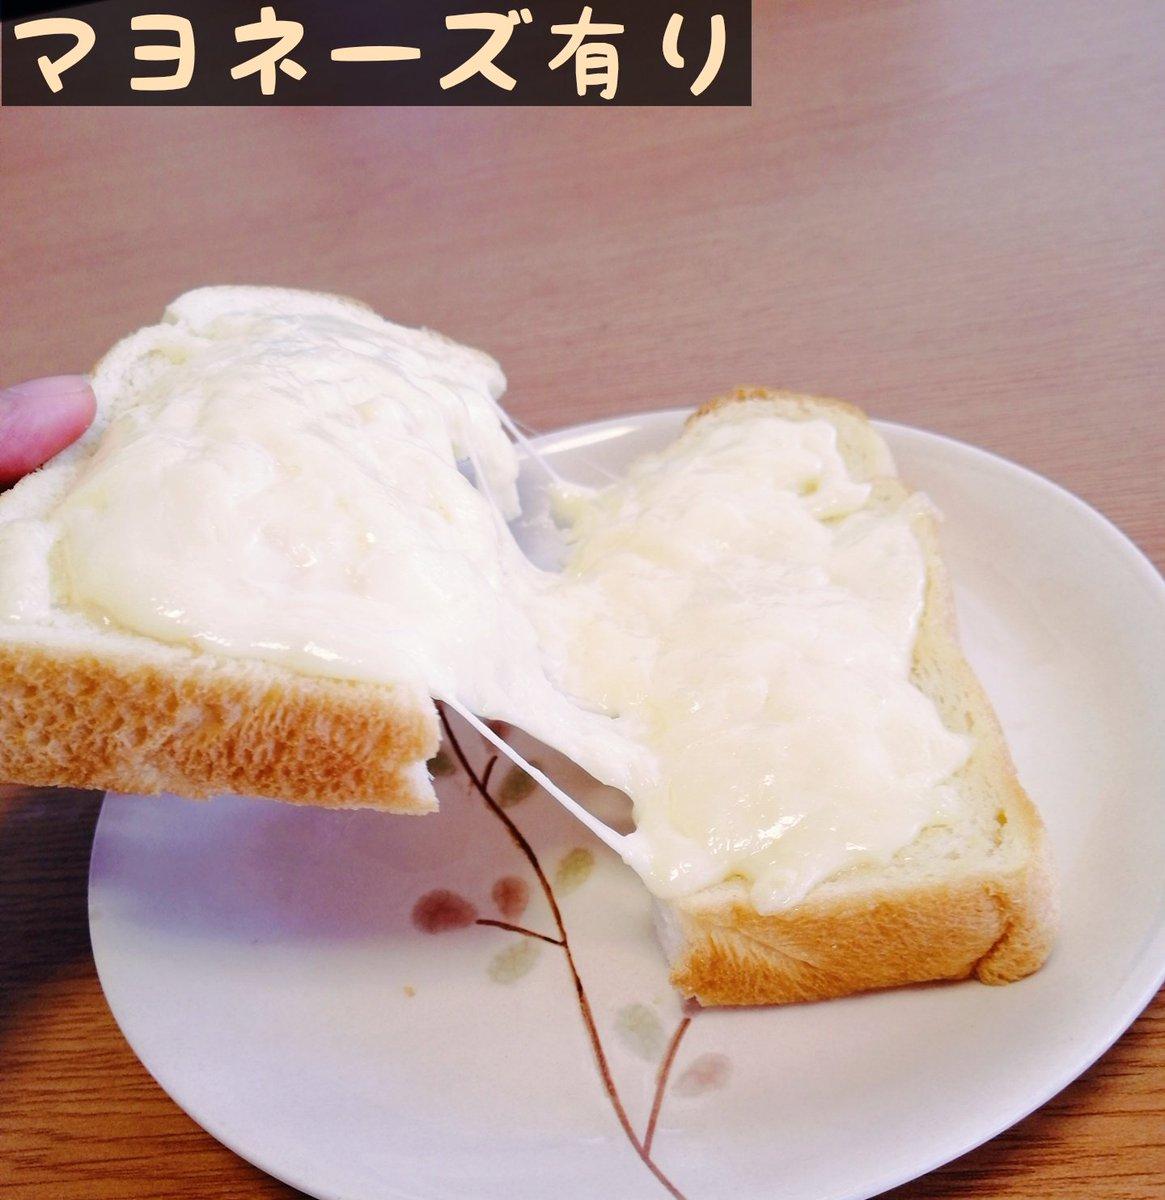 チーズトーストを究極にとろけさせる秘訣は、マヨネーズ!